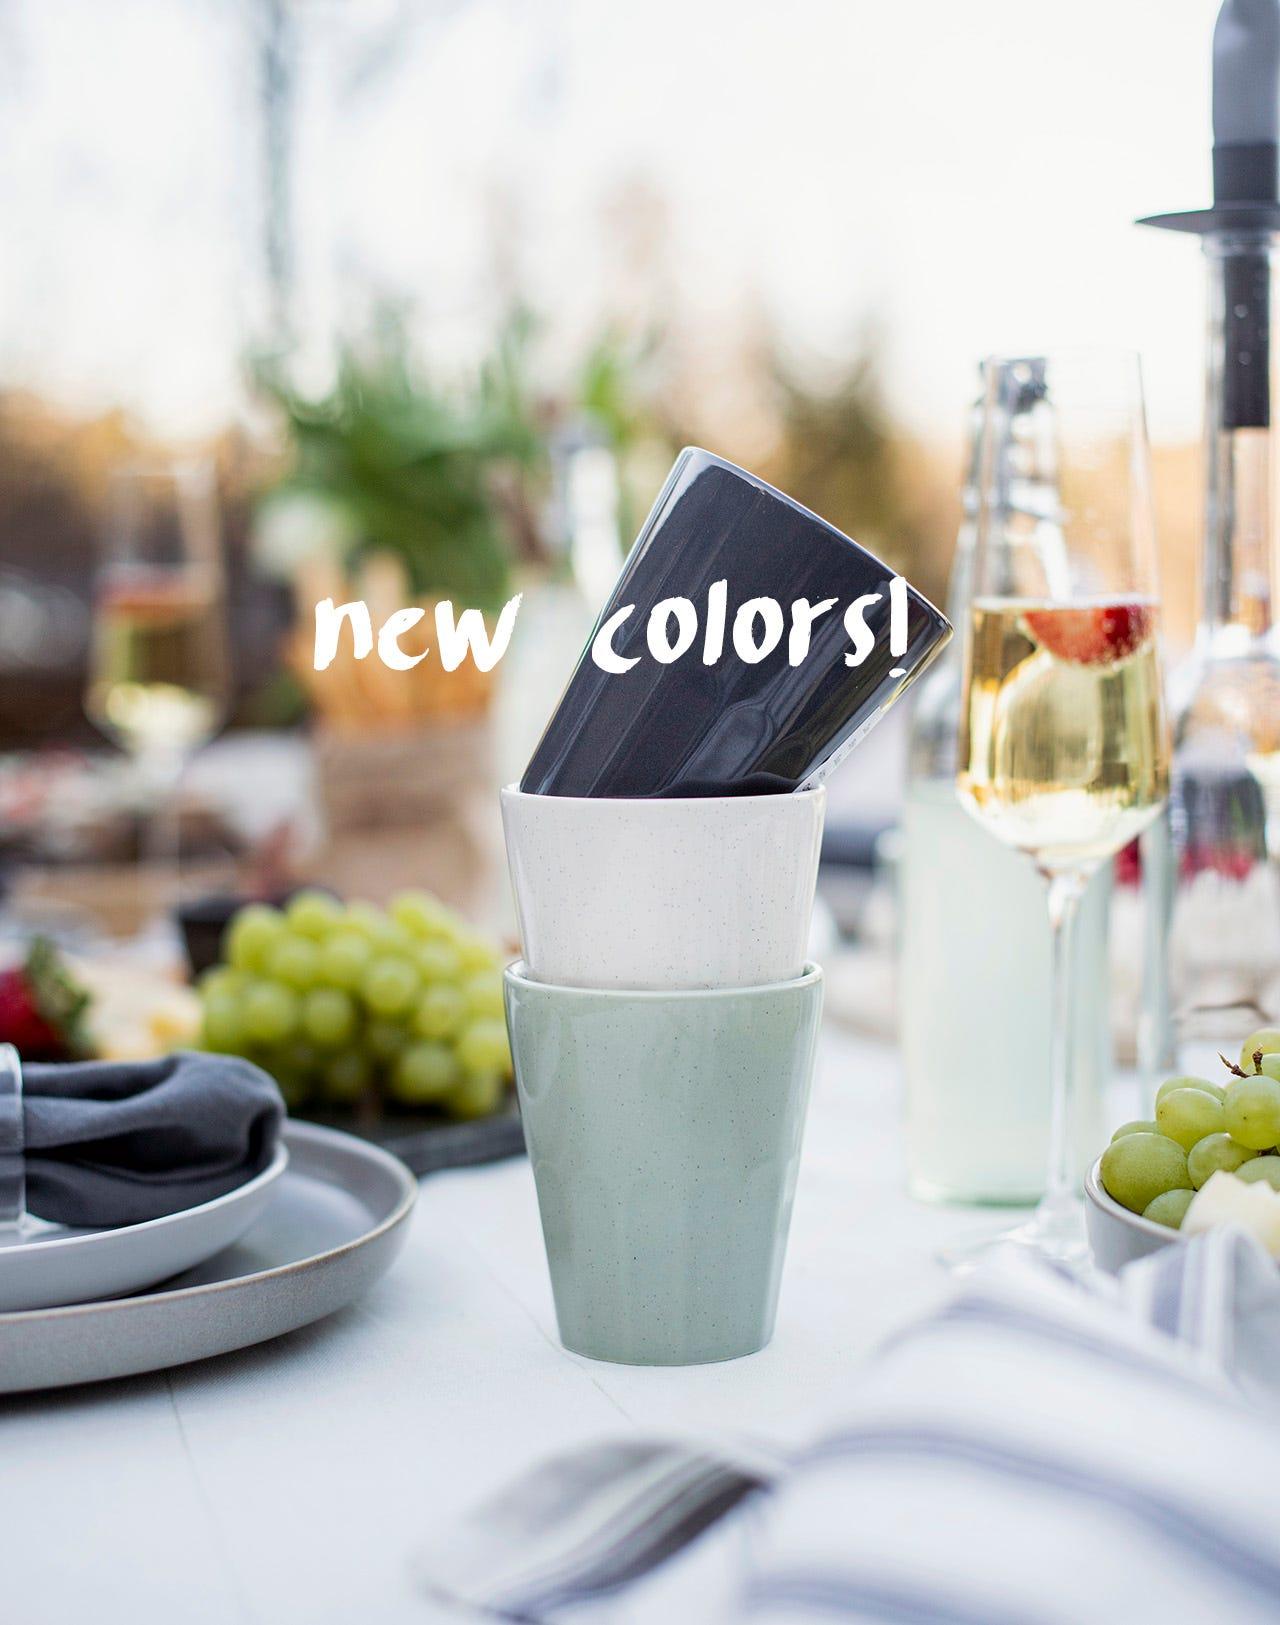 Mugs - new colors!